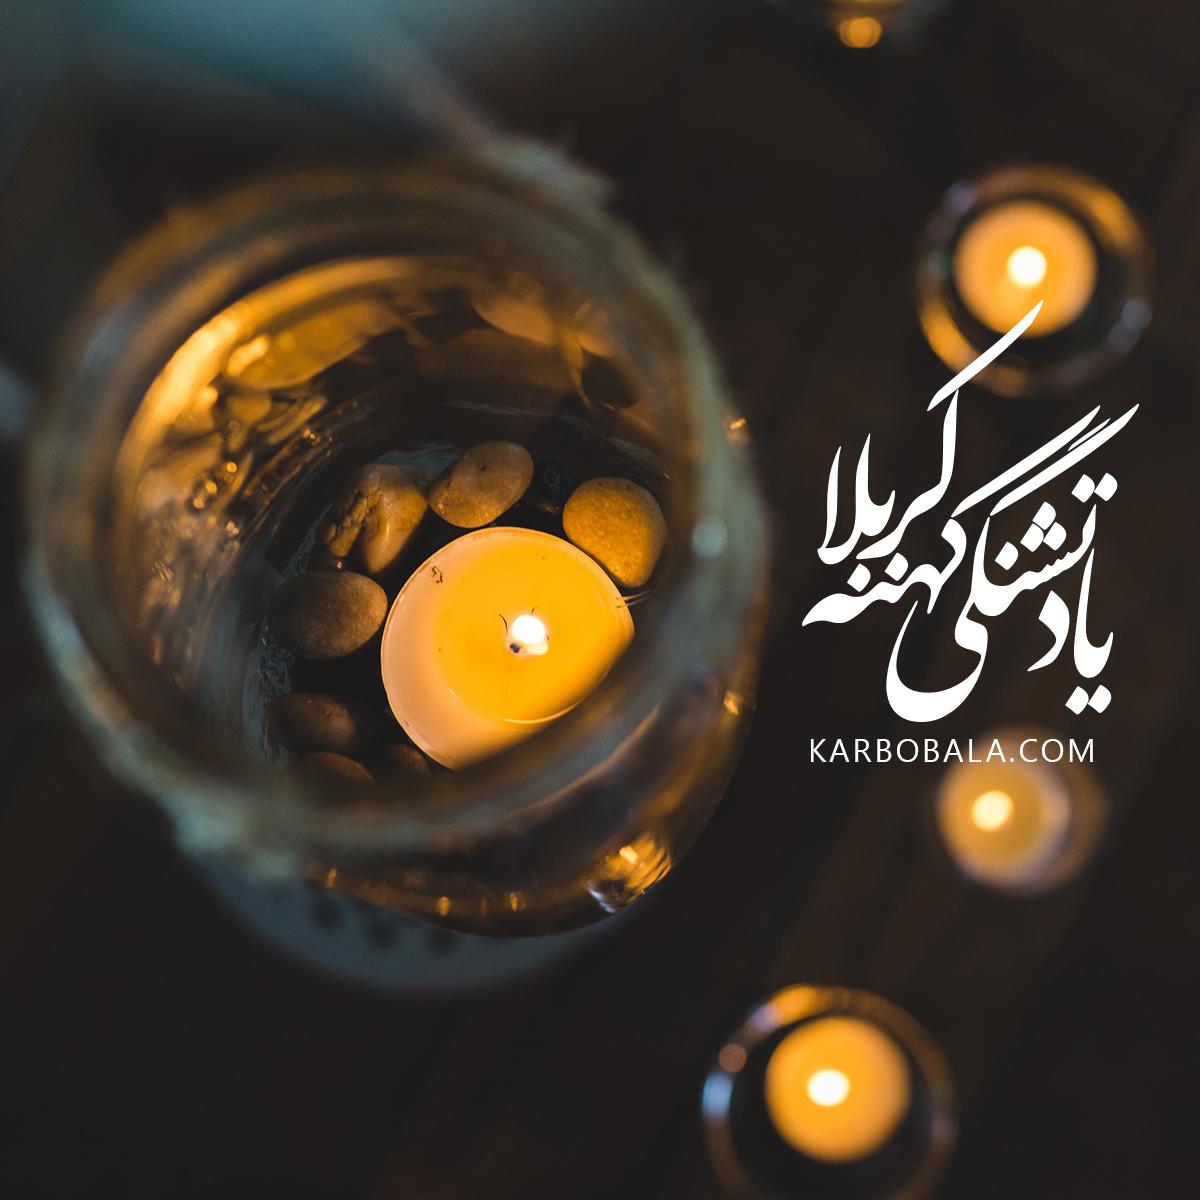 خاطرات تشنگی/شهادت امام باقر(ع)